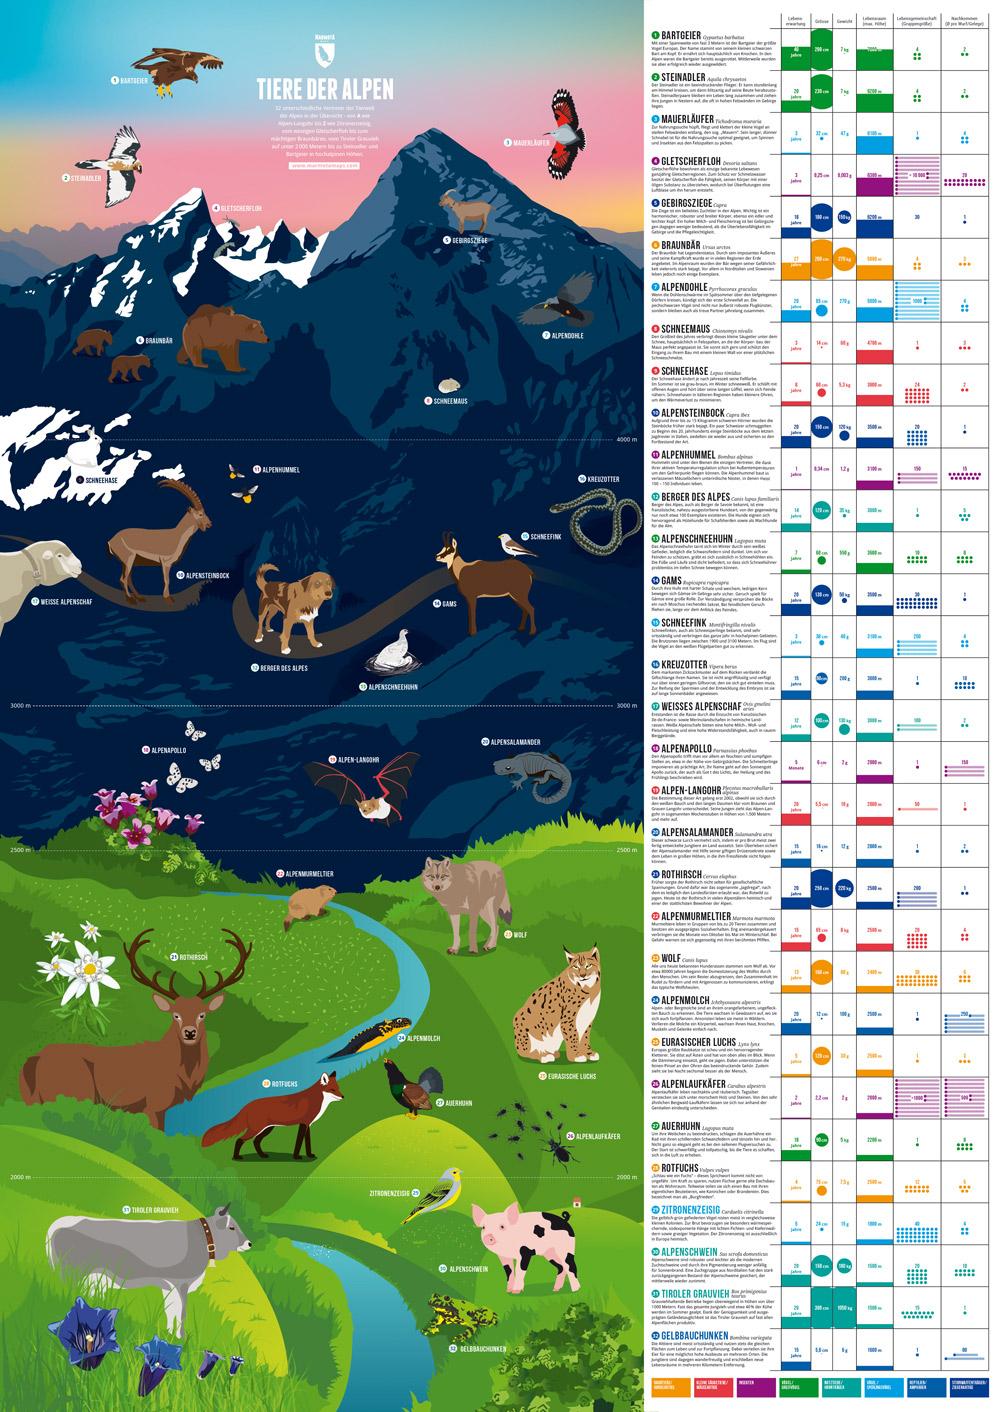 Plakat der 32 Alpentiere - Nahansicht